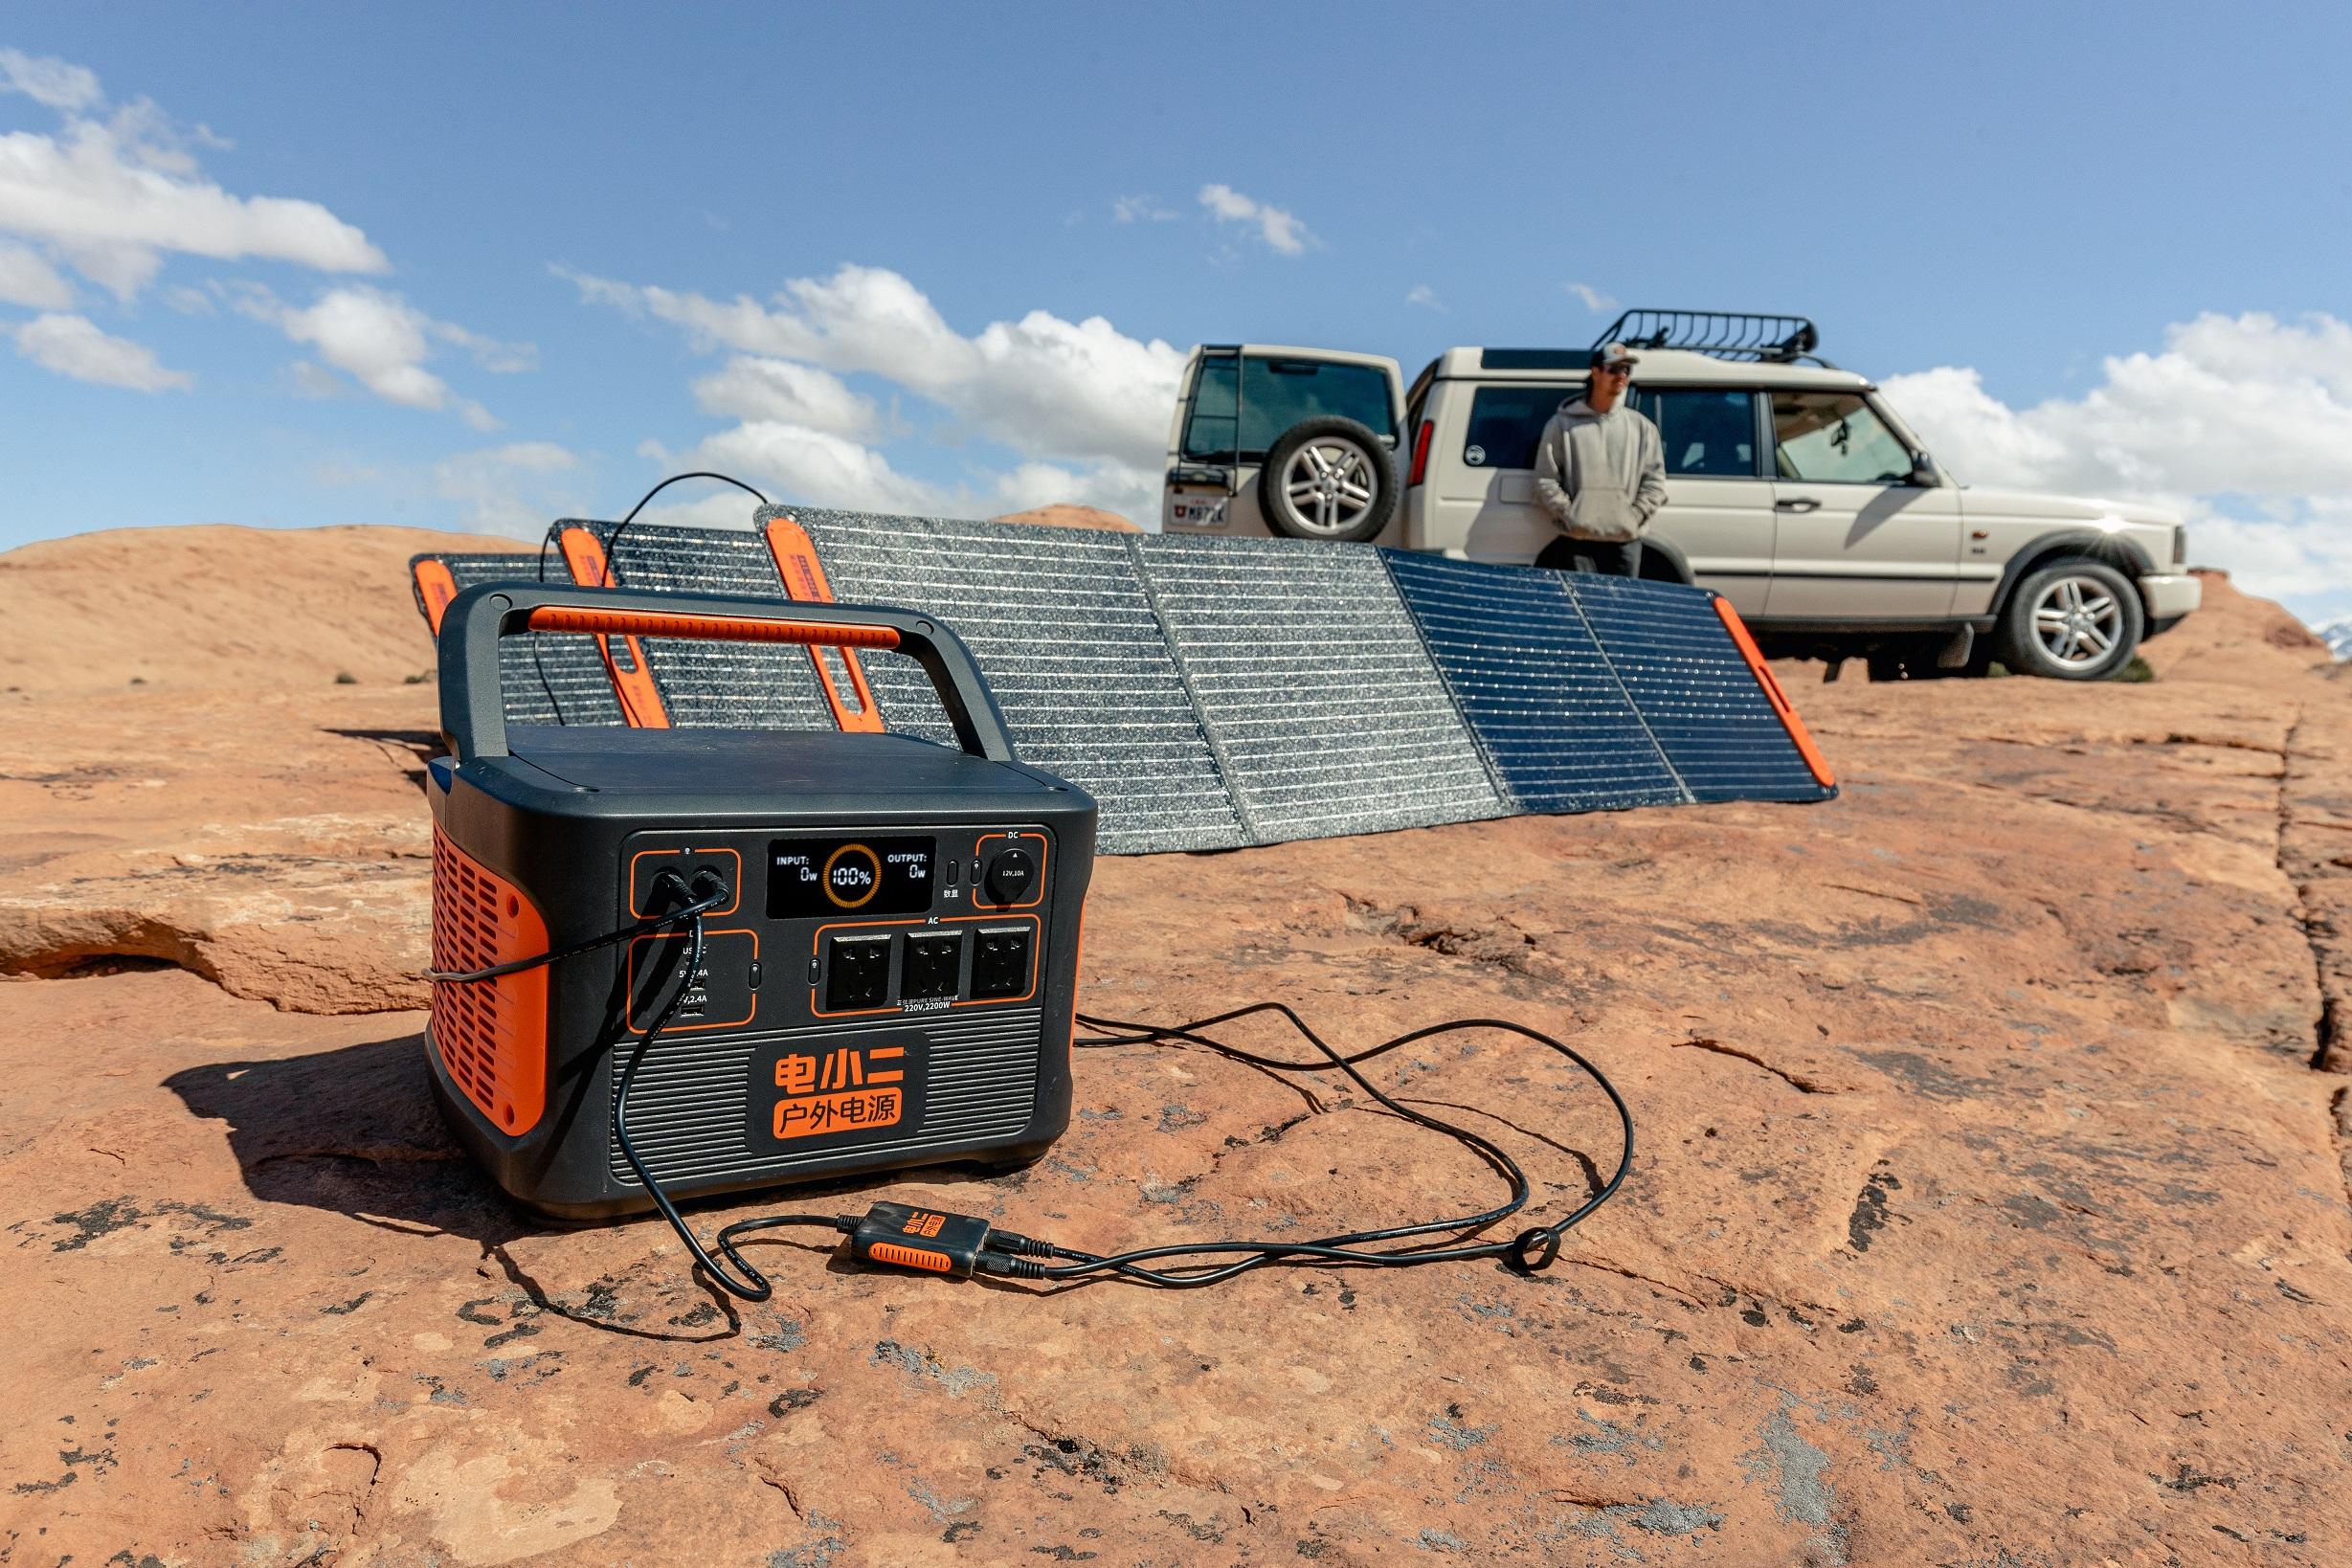 巨能量+双快充,电小二大容量大功率太阳能户外电源2200上市